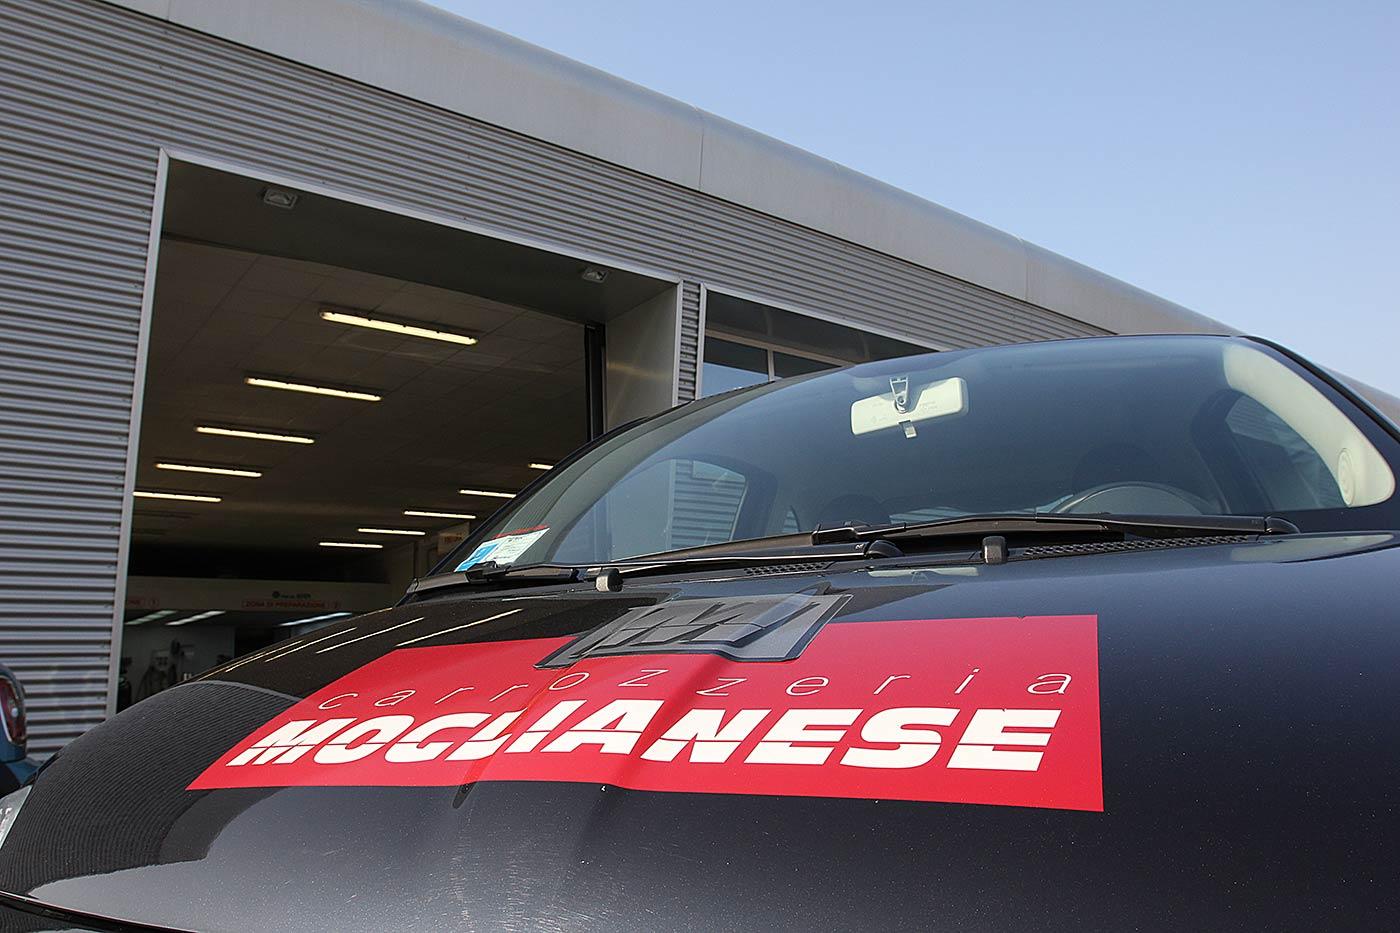 Carrozzeria-Moglianese-Gardigiano-Scorze-noleggio-auto-2